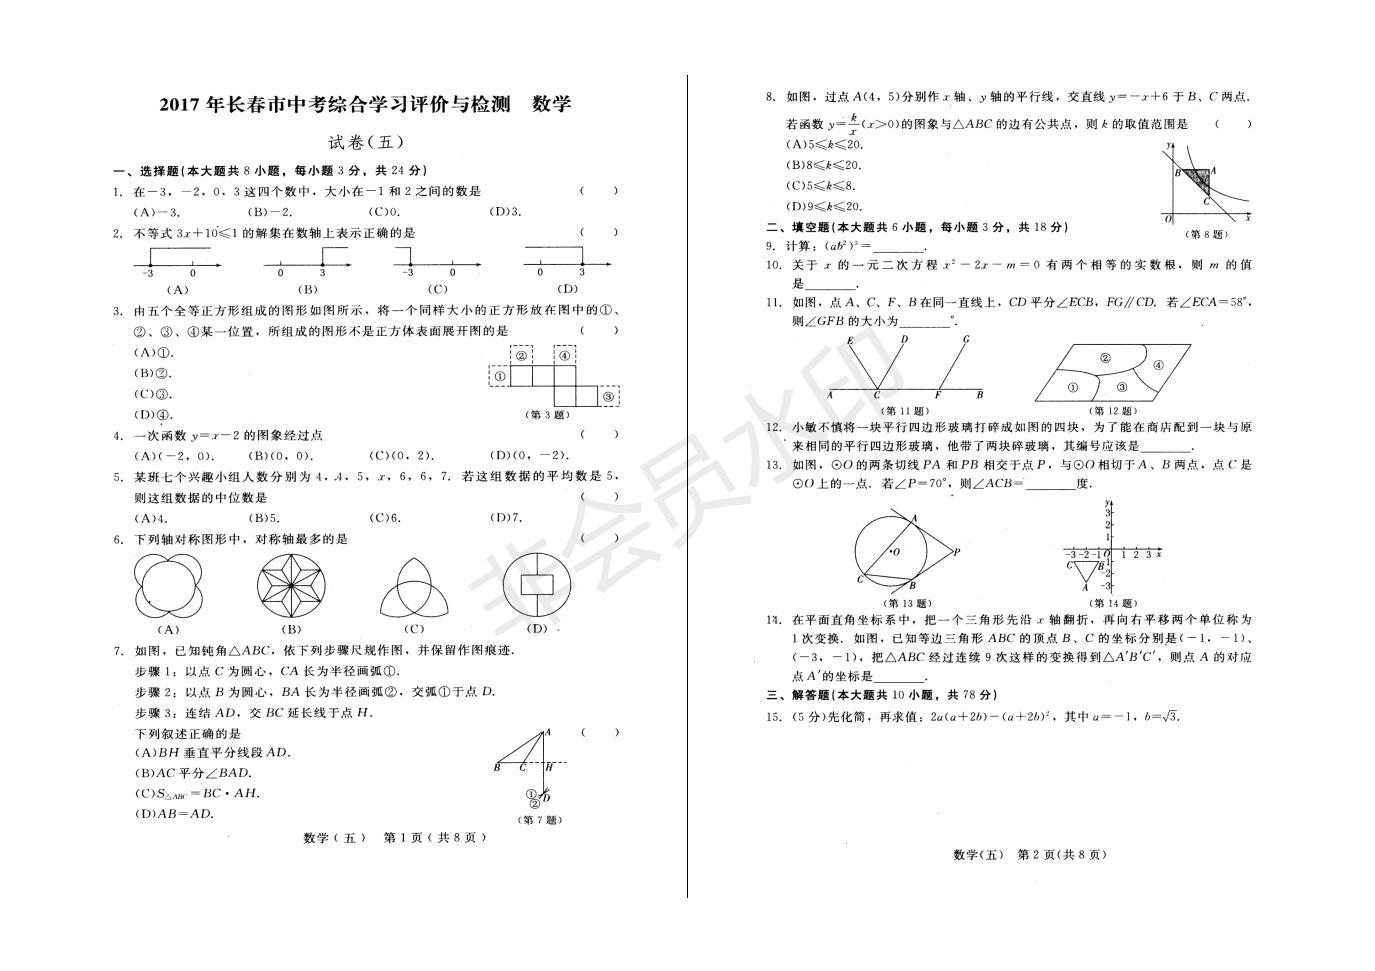 长春市中考综合学习评价与检测数学试卷(五)(ZKSX0193)